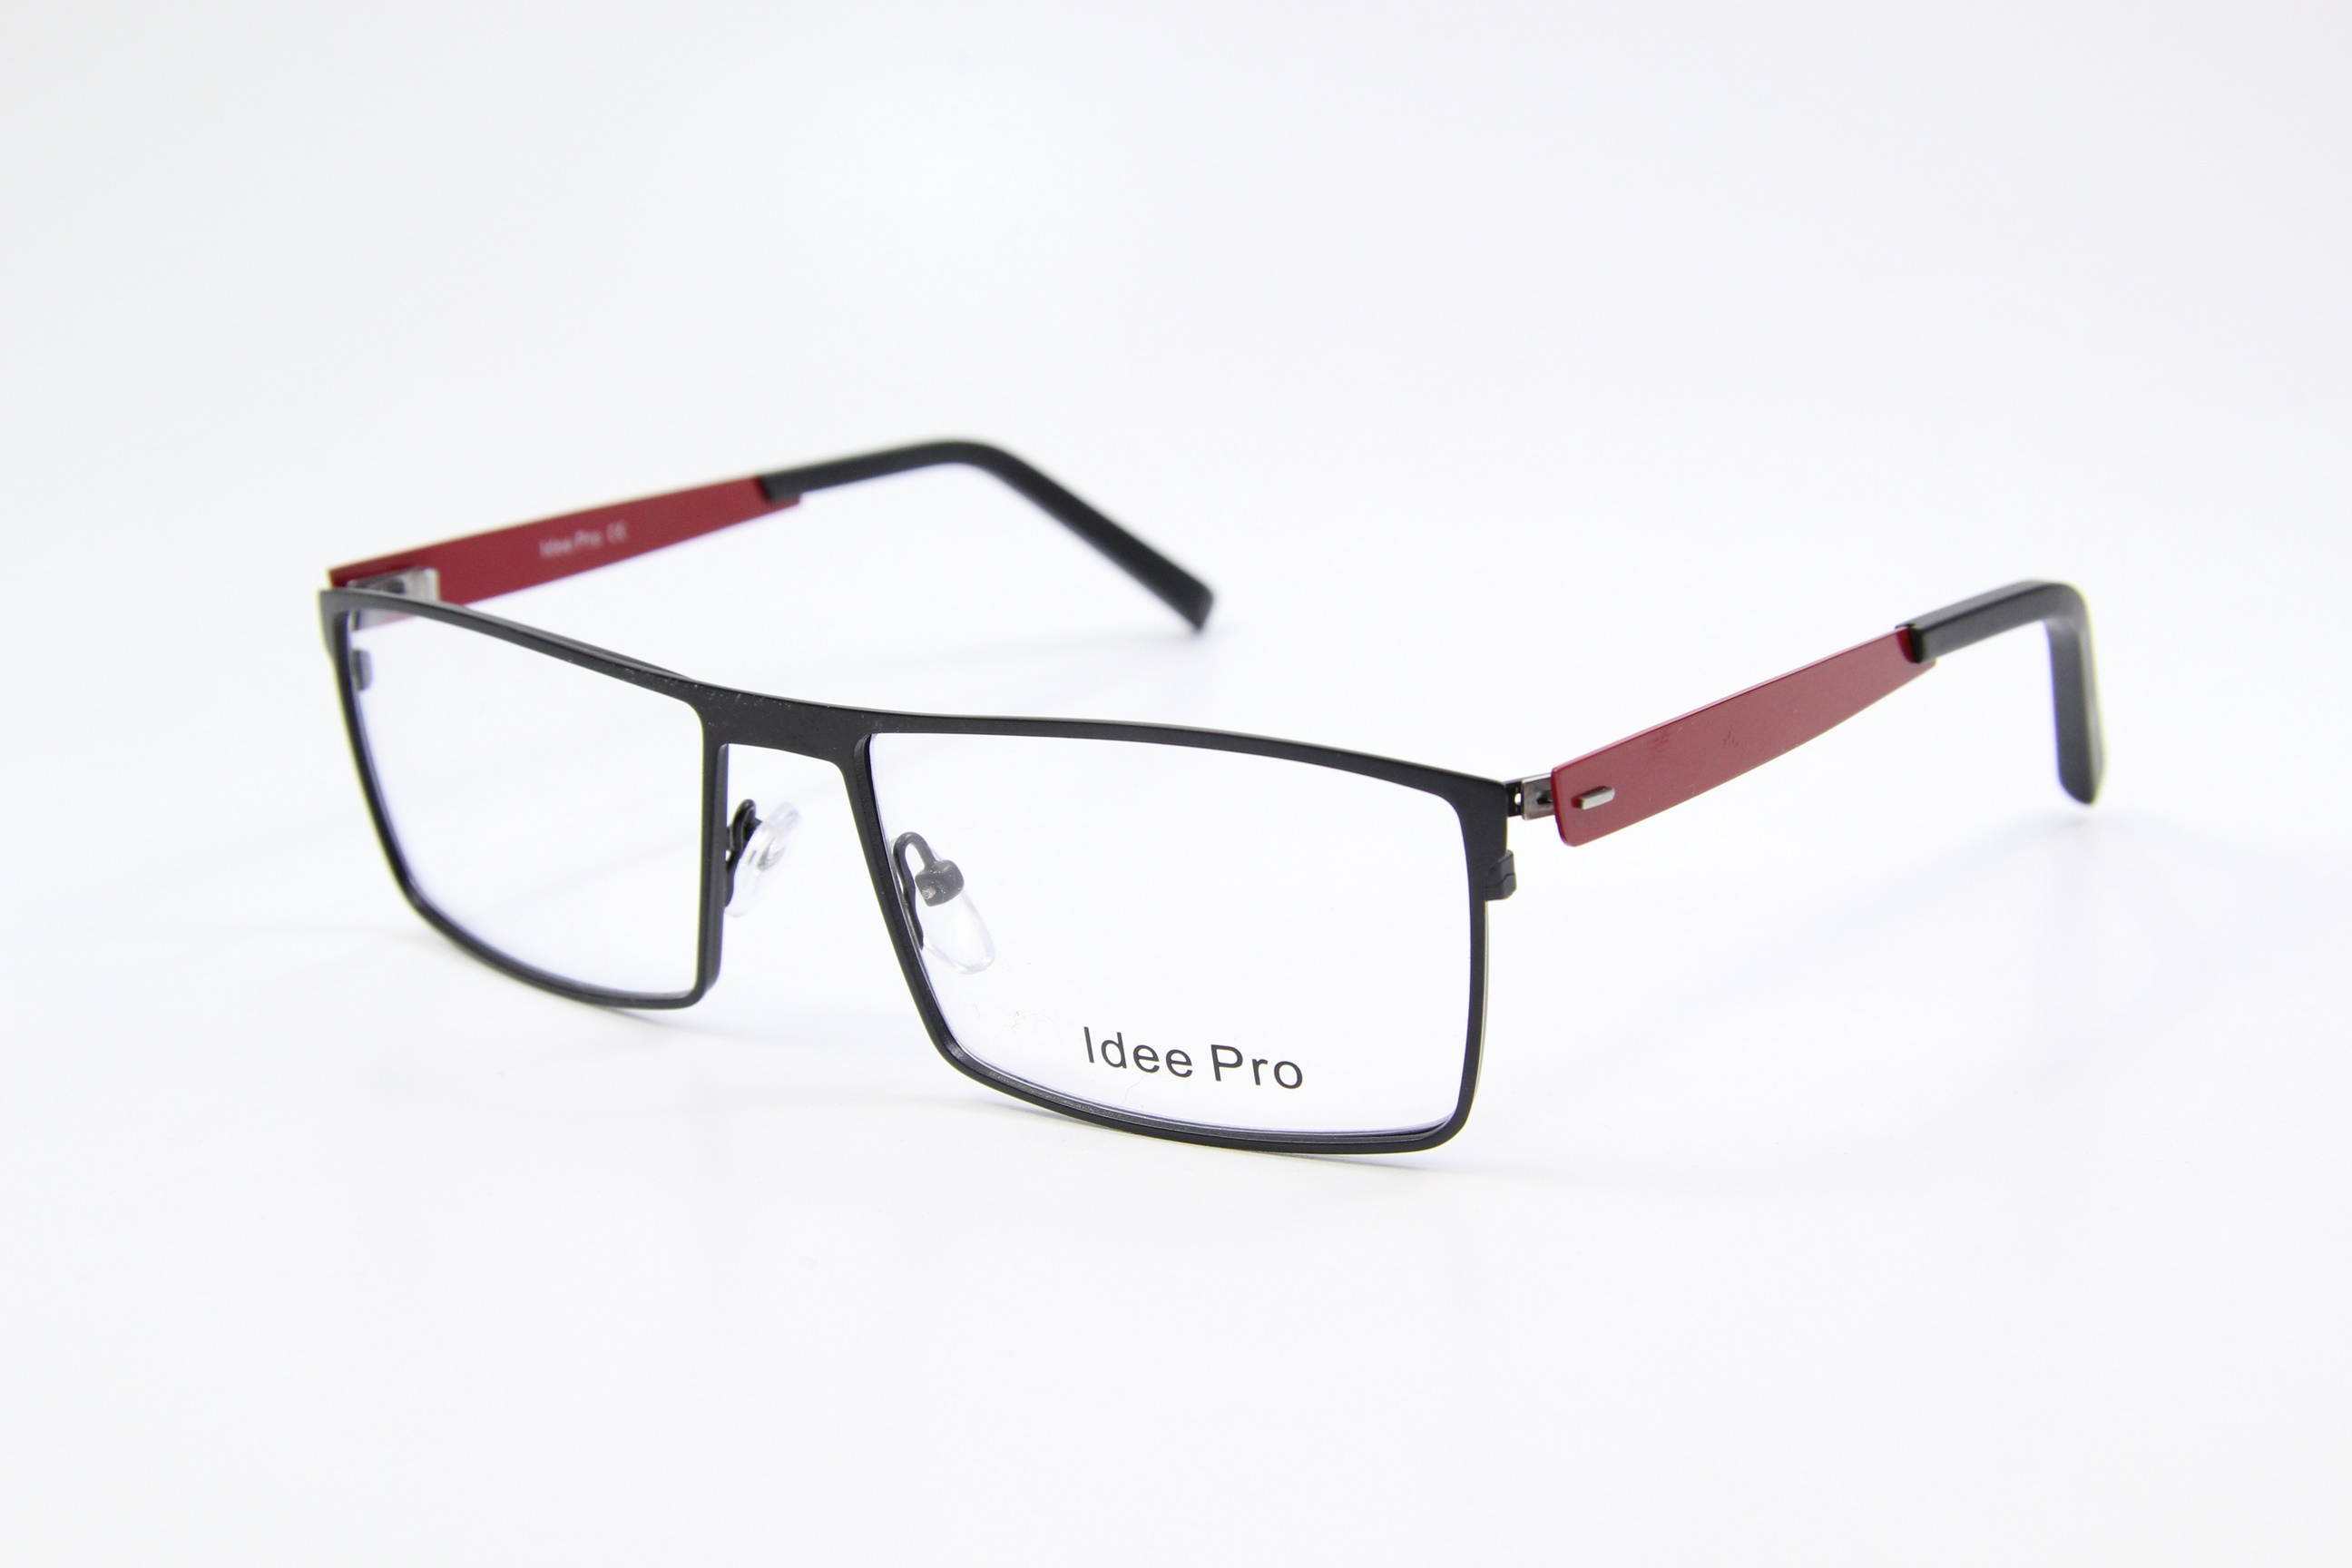 tolle brille vorlage zeitgen ssisch beispiel anschreiben f r lebenslauf sammlung. Black Bedroom Furniture Sets. Home Design Ideas